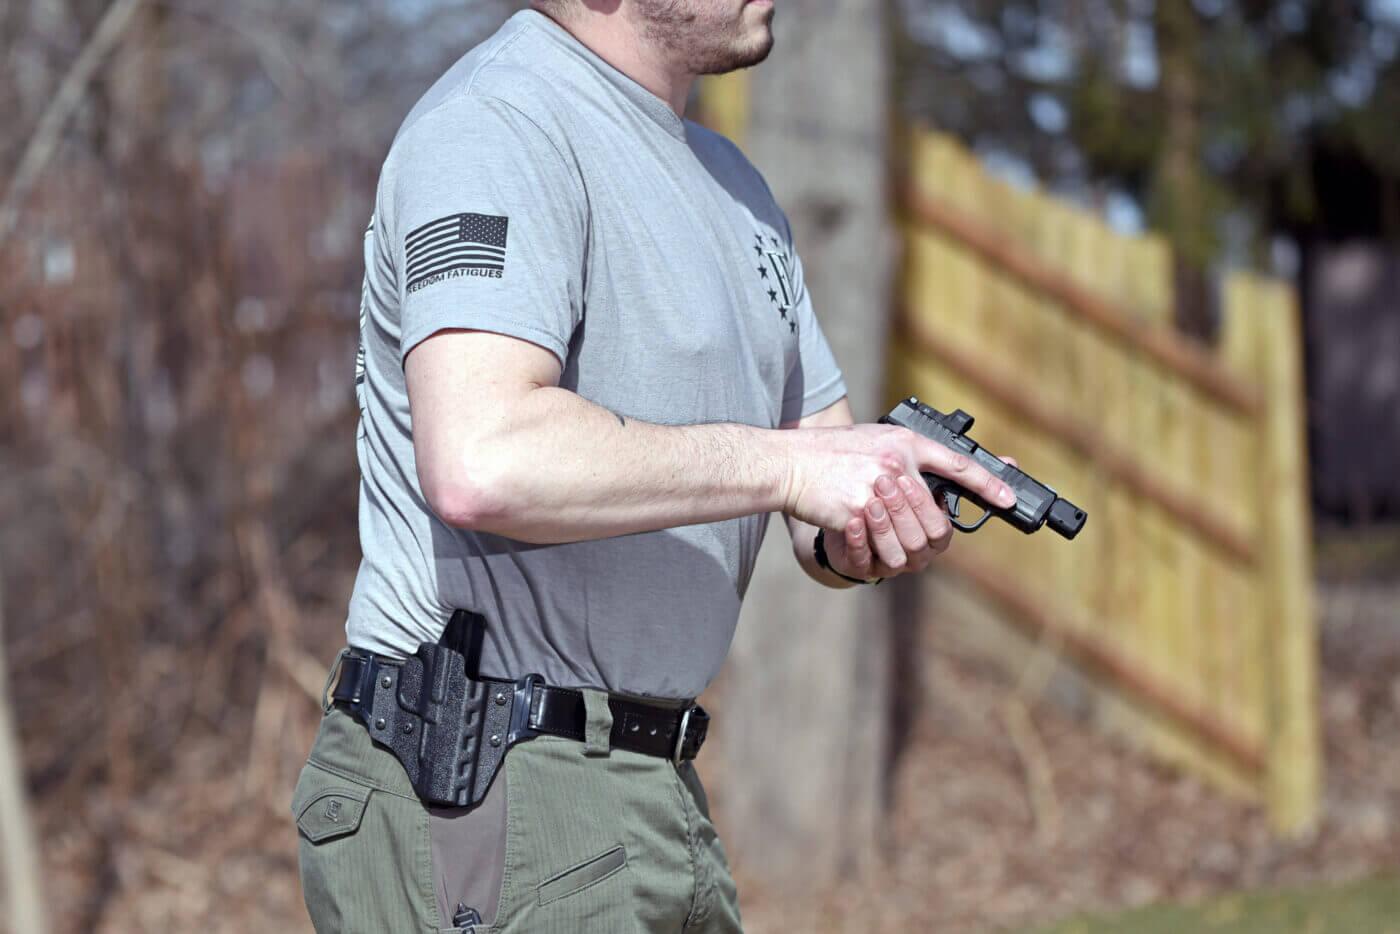 Drawing Hellcat RDP pistol from DeSantis holster